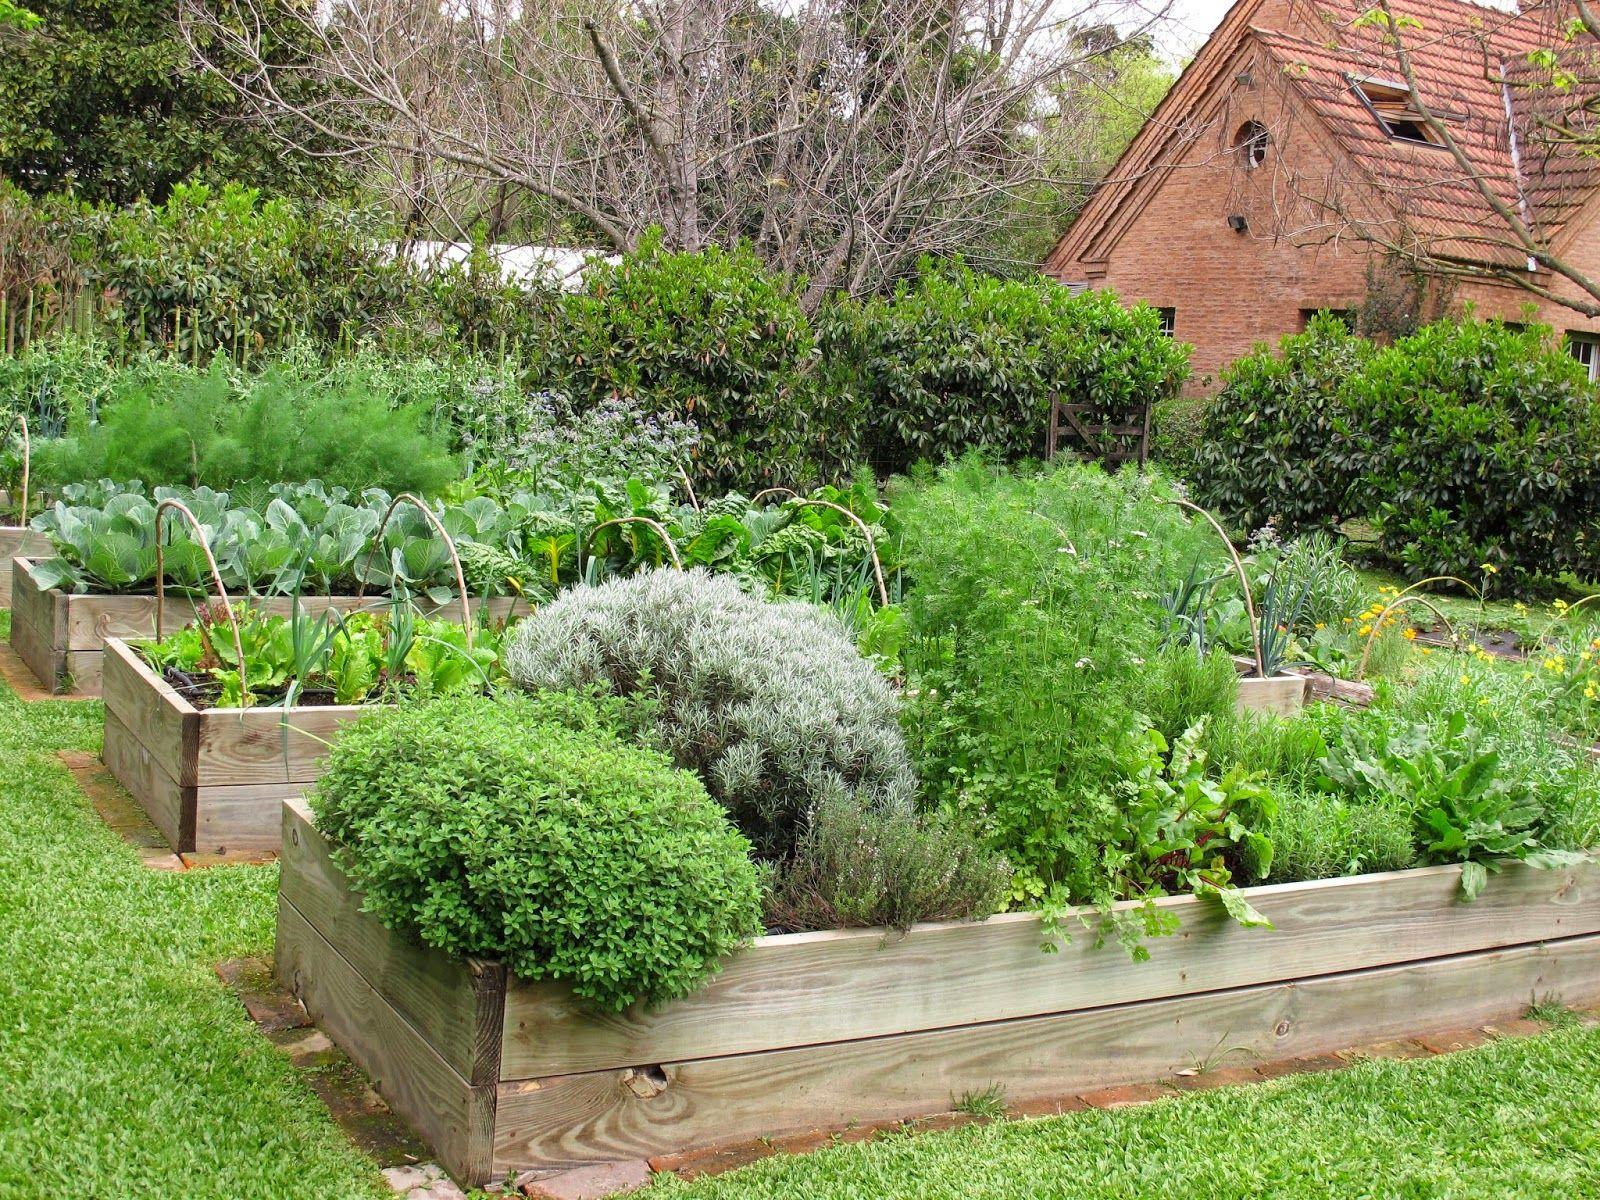 Ejemplo de huerta elevada cajones de pino de 1 10 por 4 metros y jardin - Pinos para jardin ...